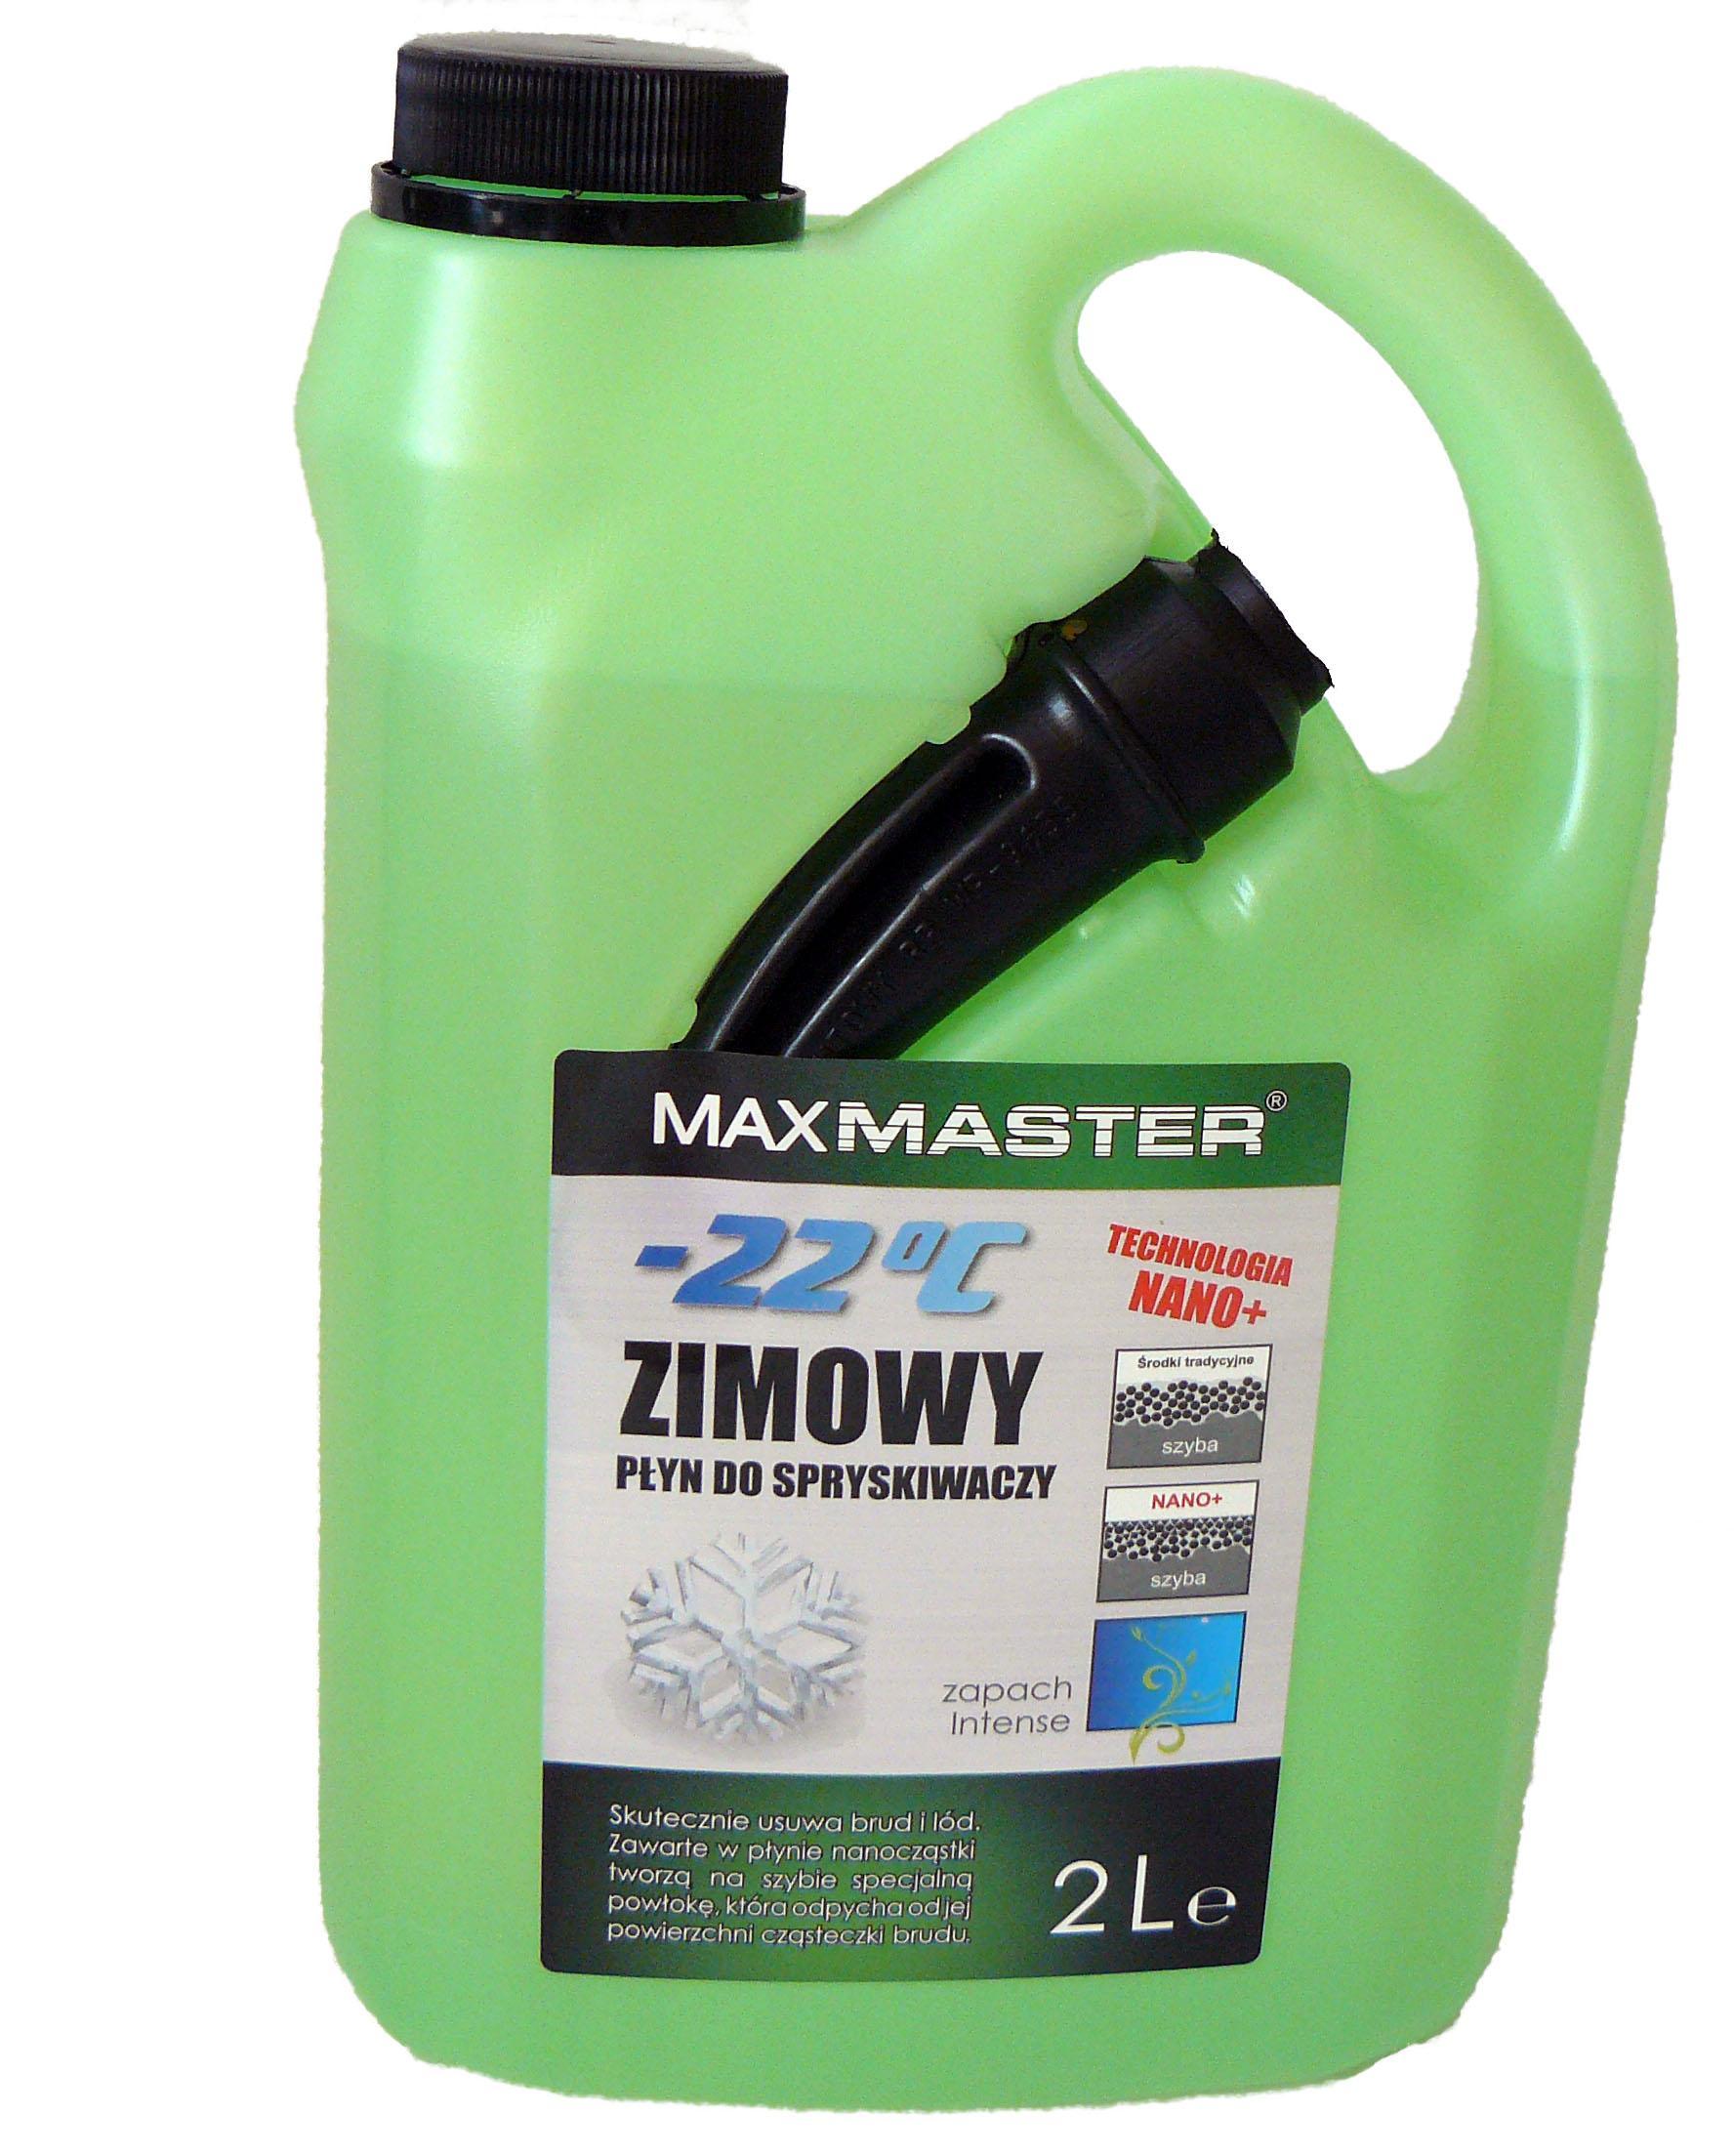 MAXMASTER PŁYN DO SPRYSKIWACZY ZIMOWY -22 C  2L